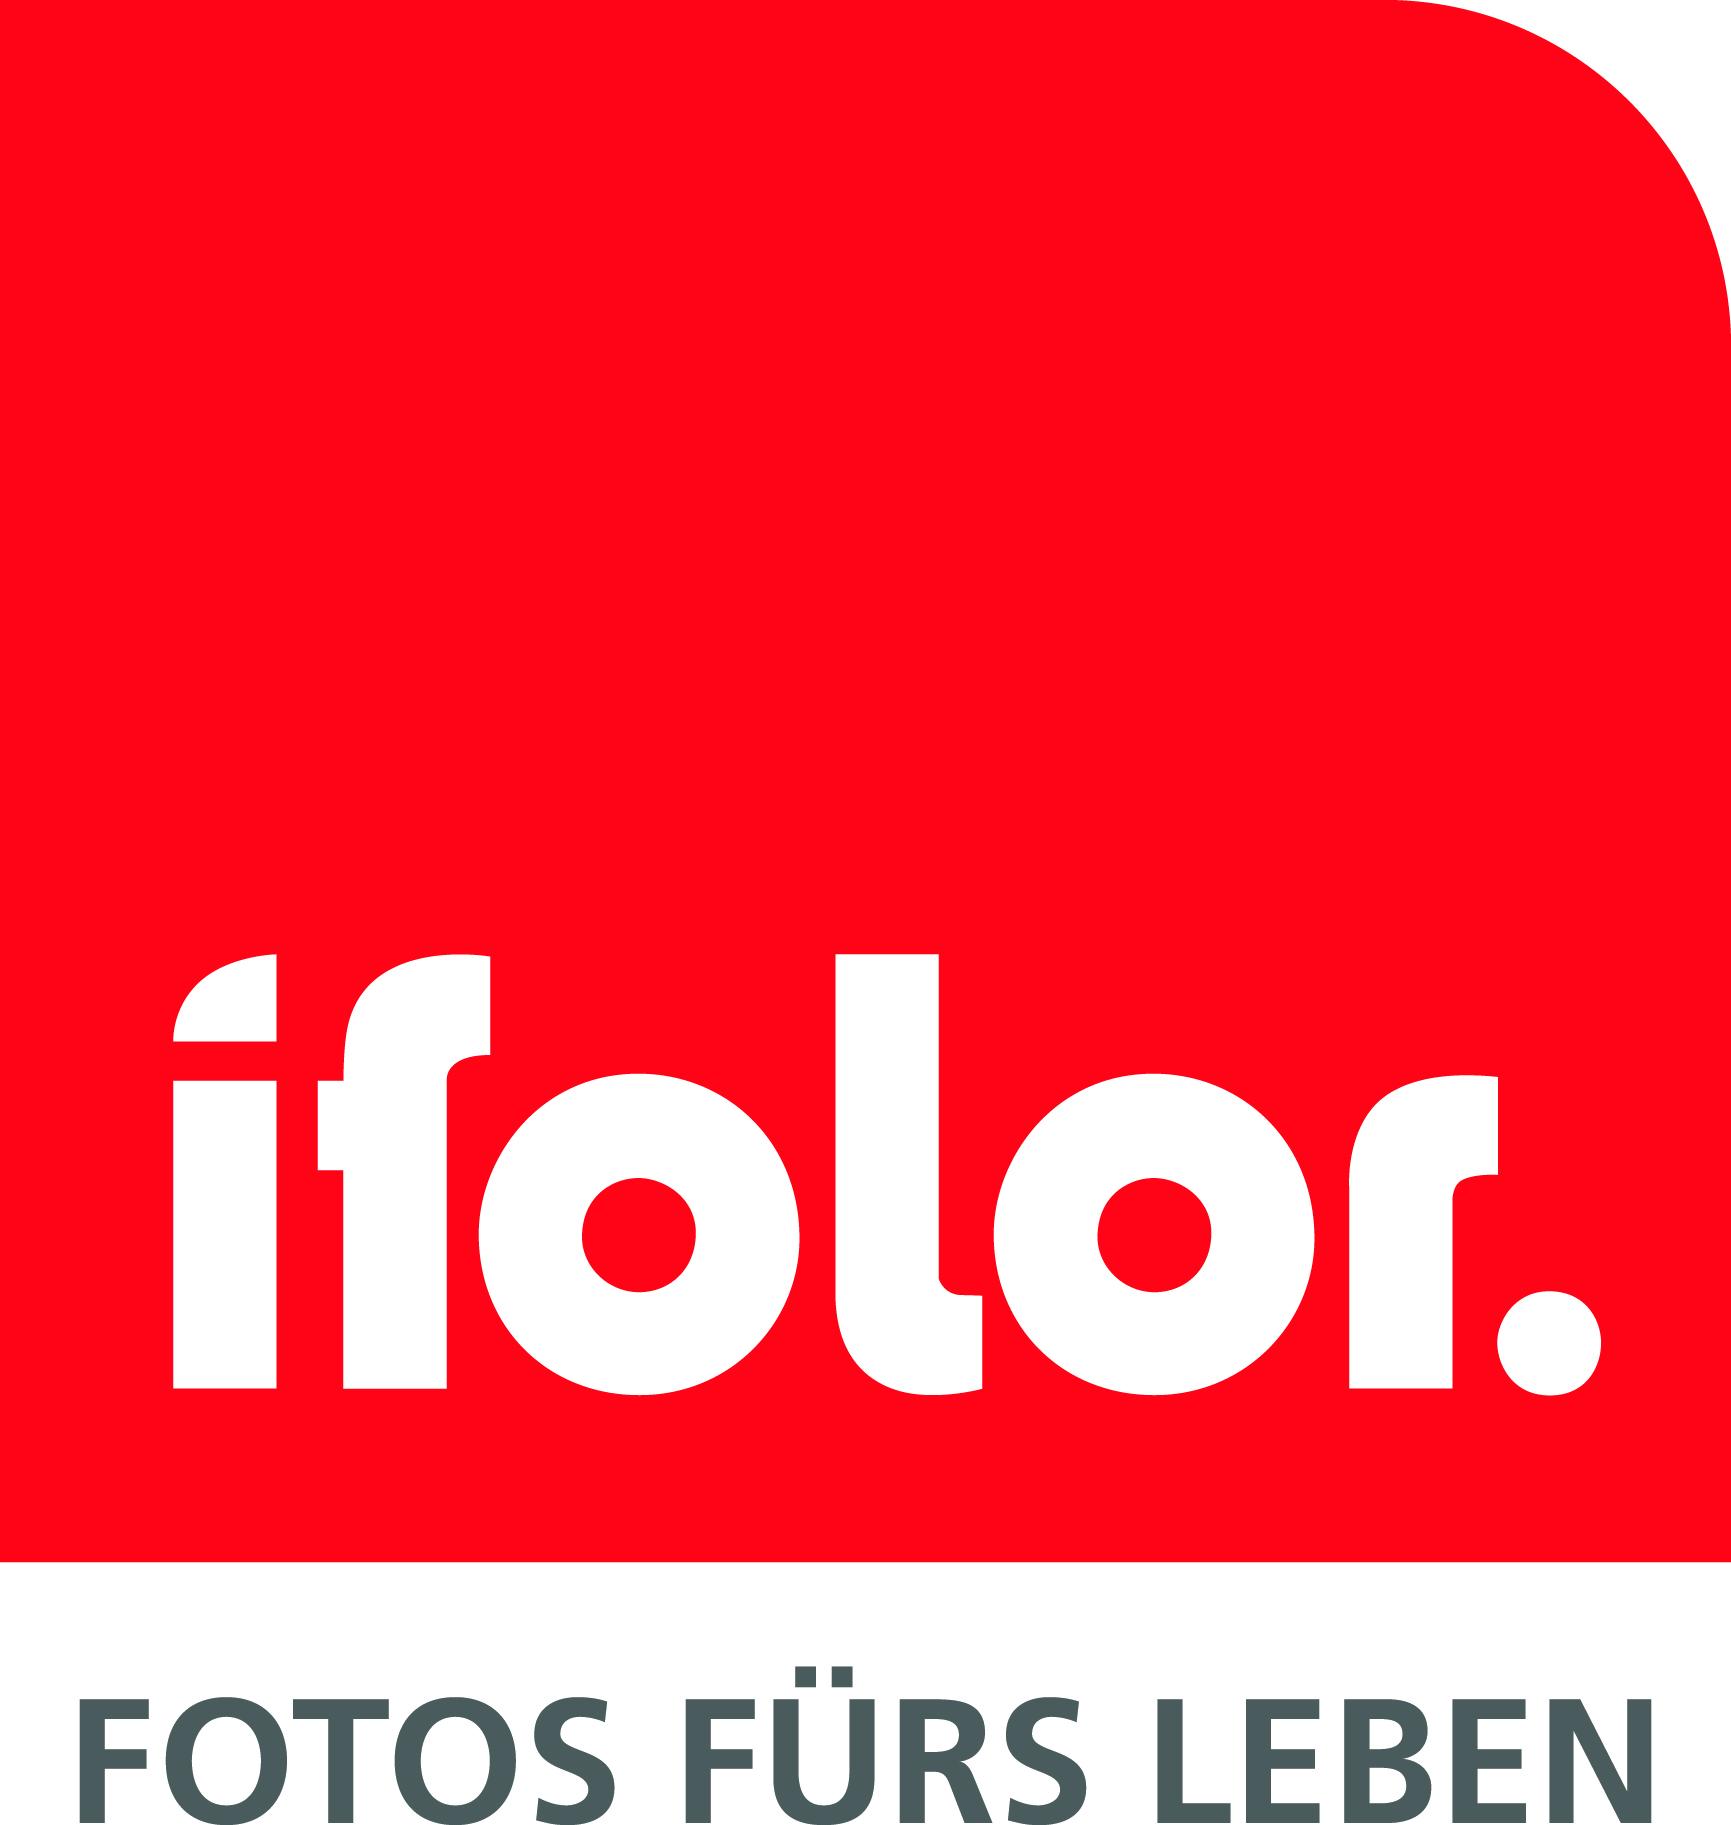 ifolor: 20% Rabatt auf alles (nur Neukunden)